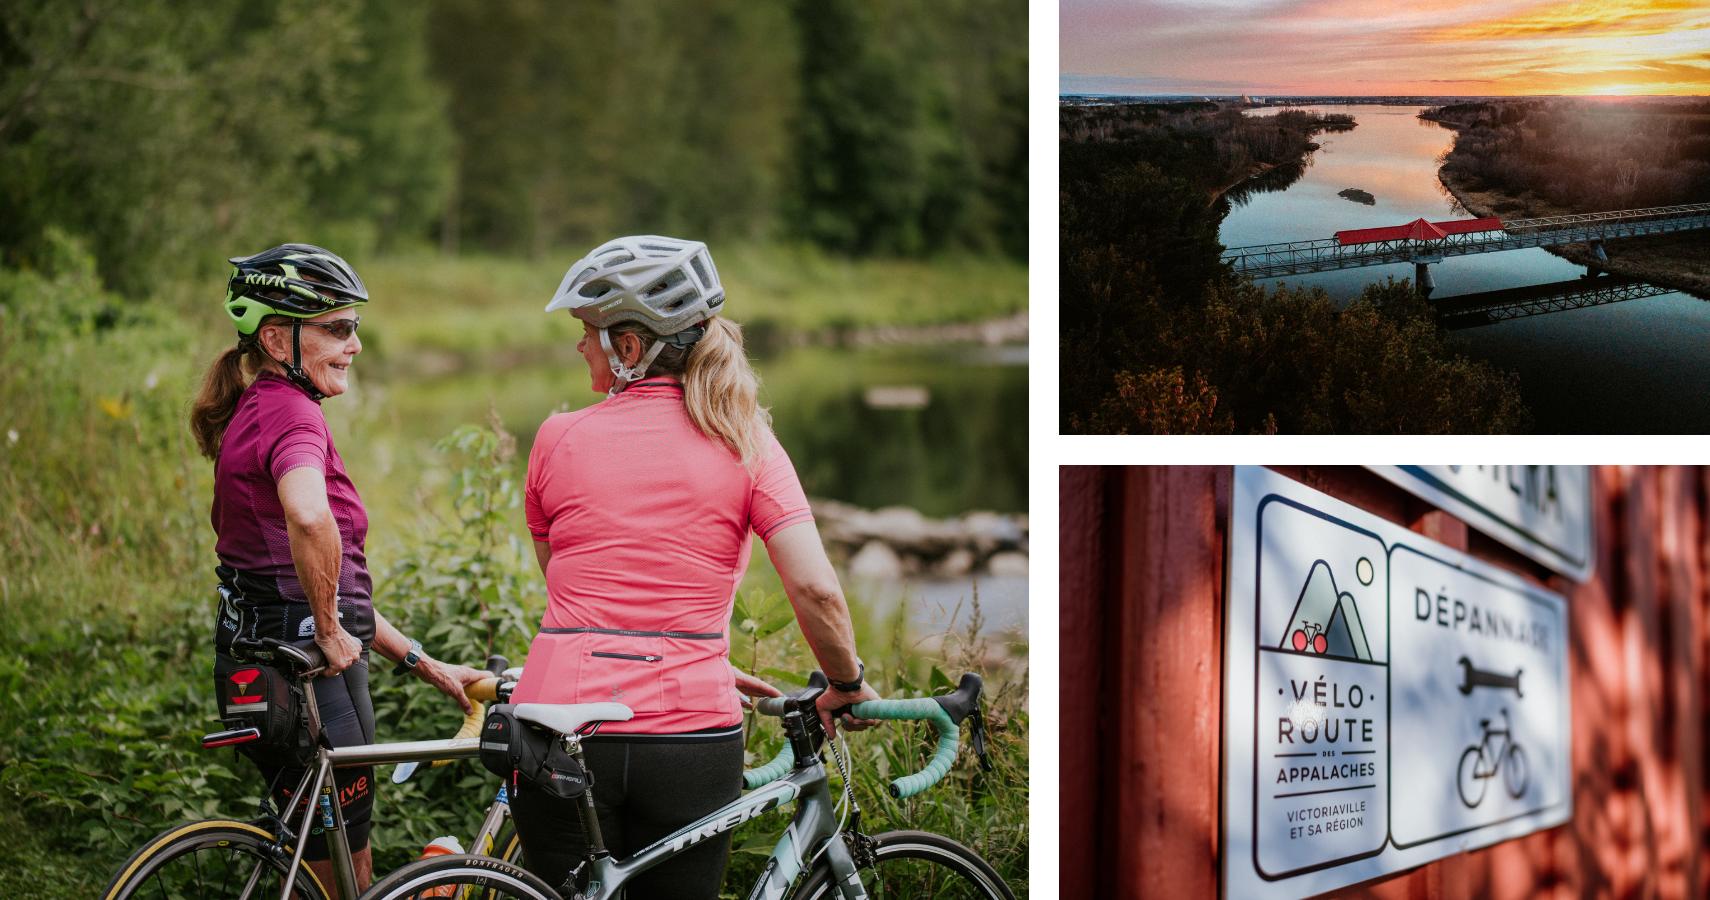 L'itinéraire vélo de la Boucle Bulstrode prend son départ au parc du Réservoir-Beaudet - Crédits photos: Les Maximes